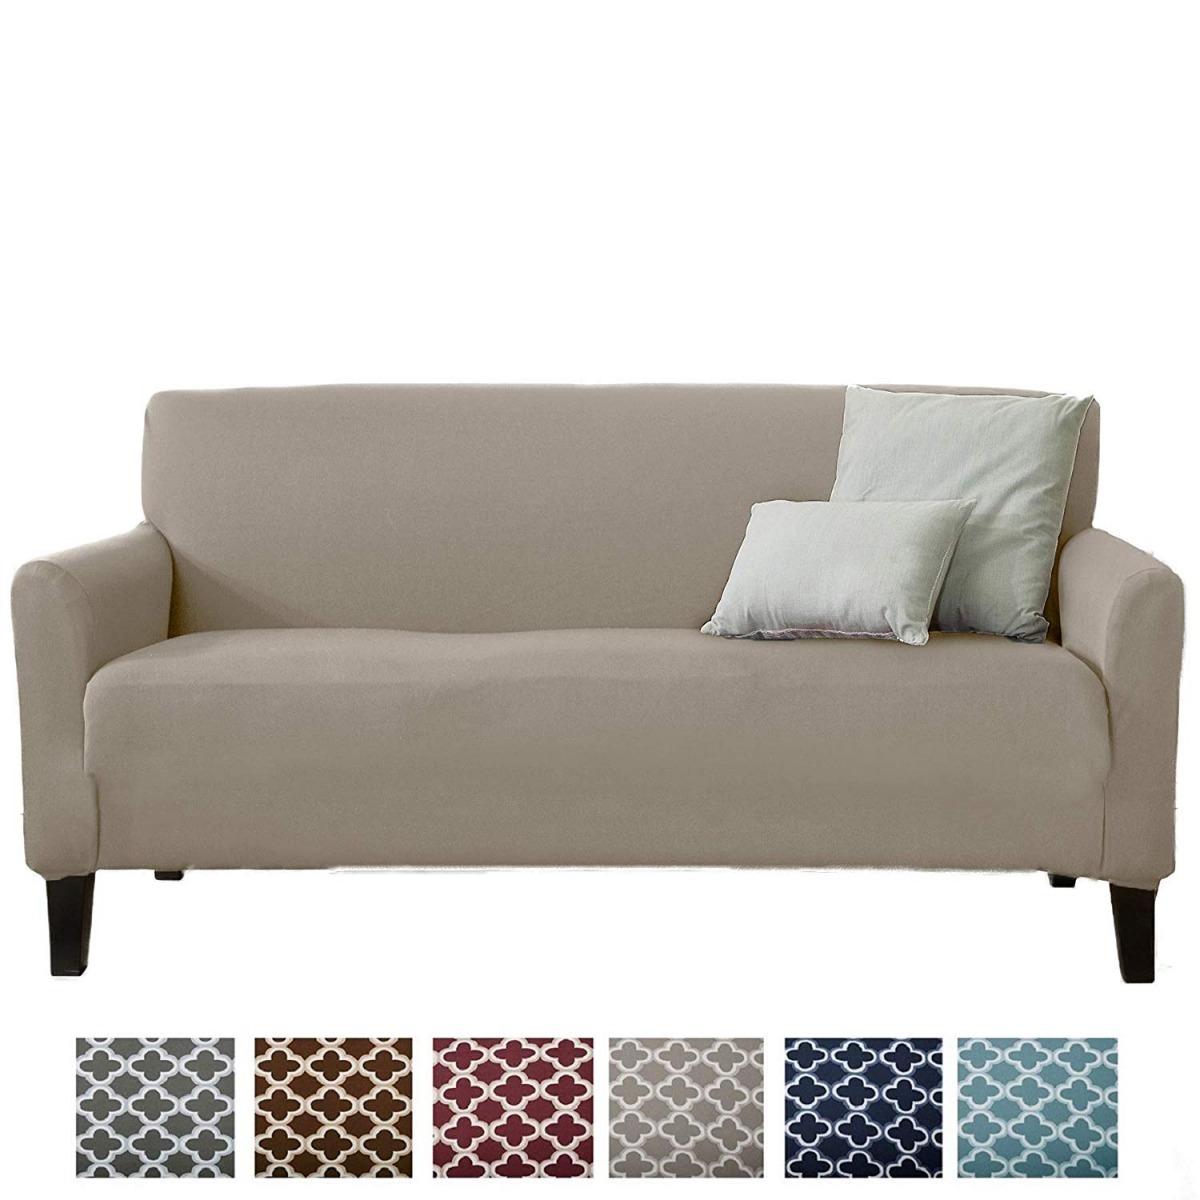 311adf5f Funda Elástica Para Mueble Sofa Colección Plateado Pps - $ 2,100.00 ...